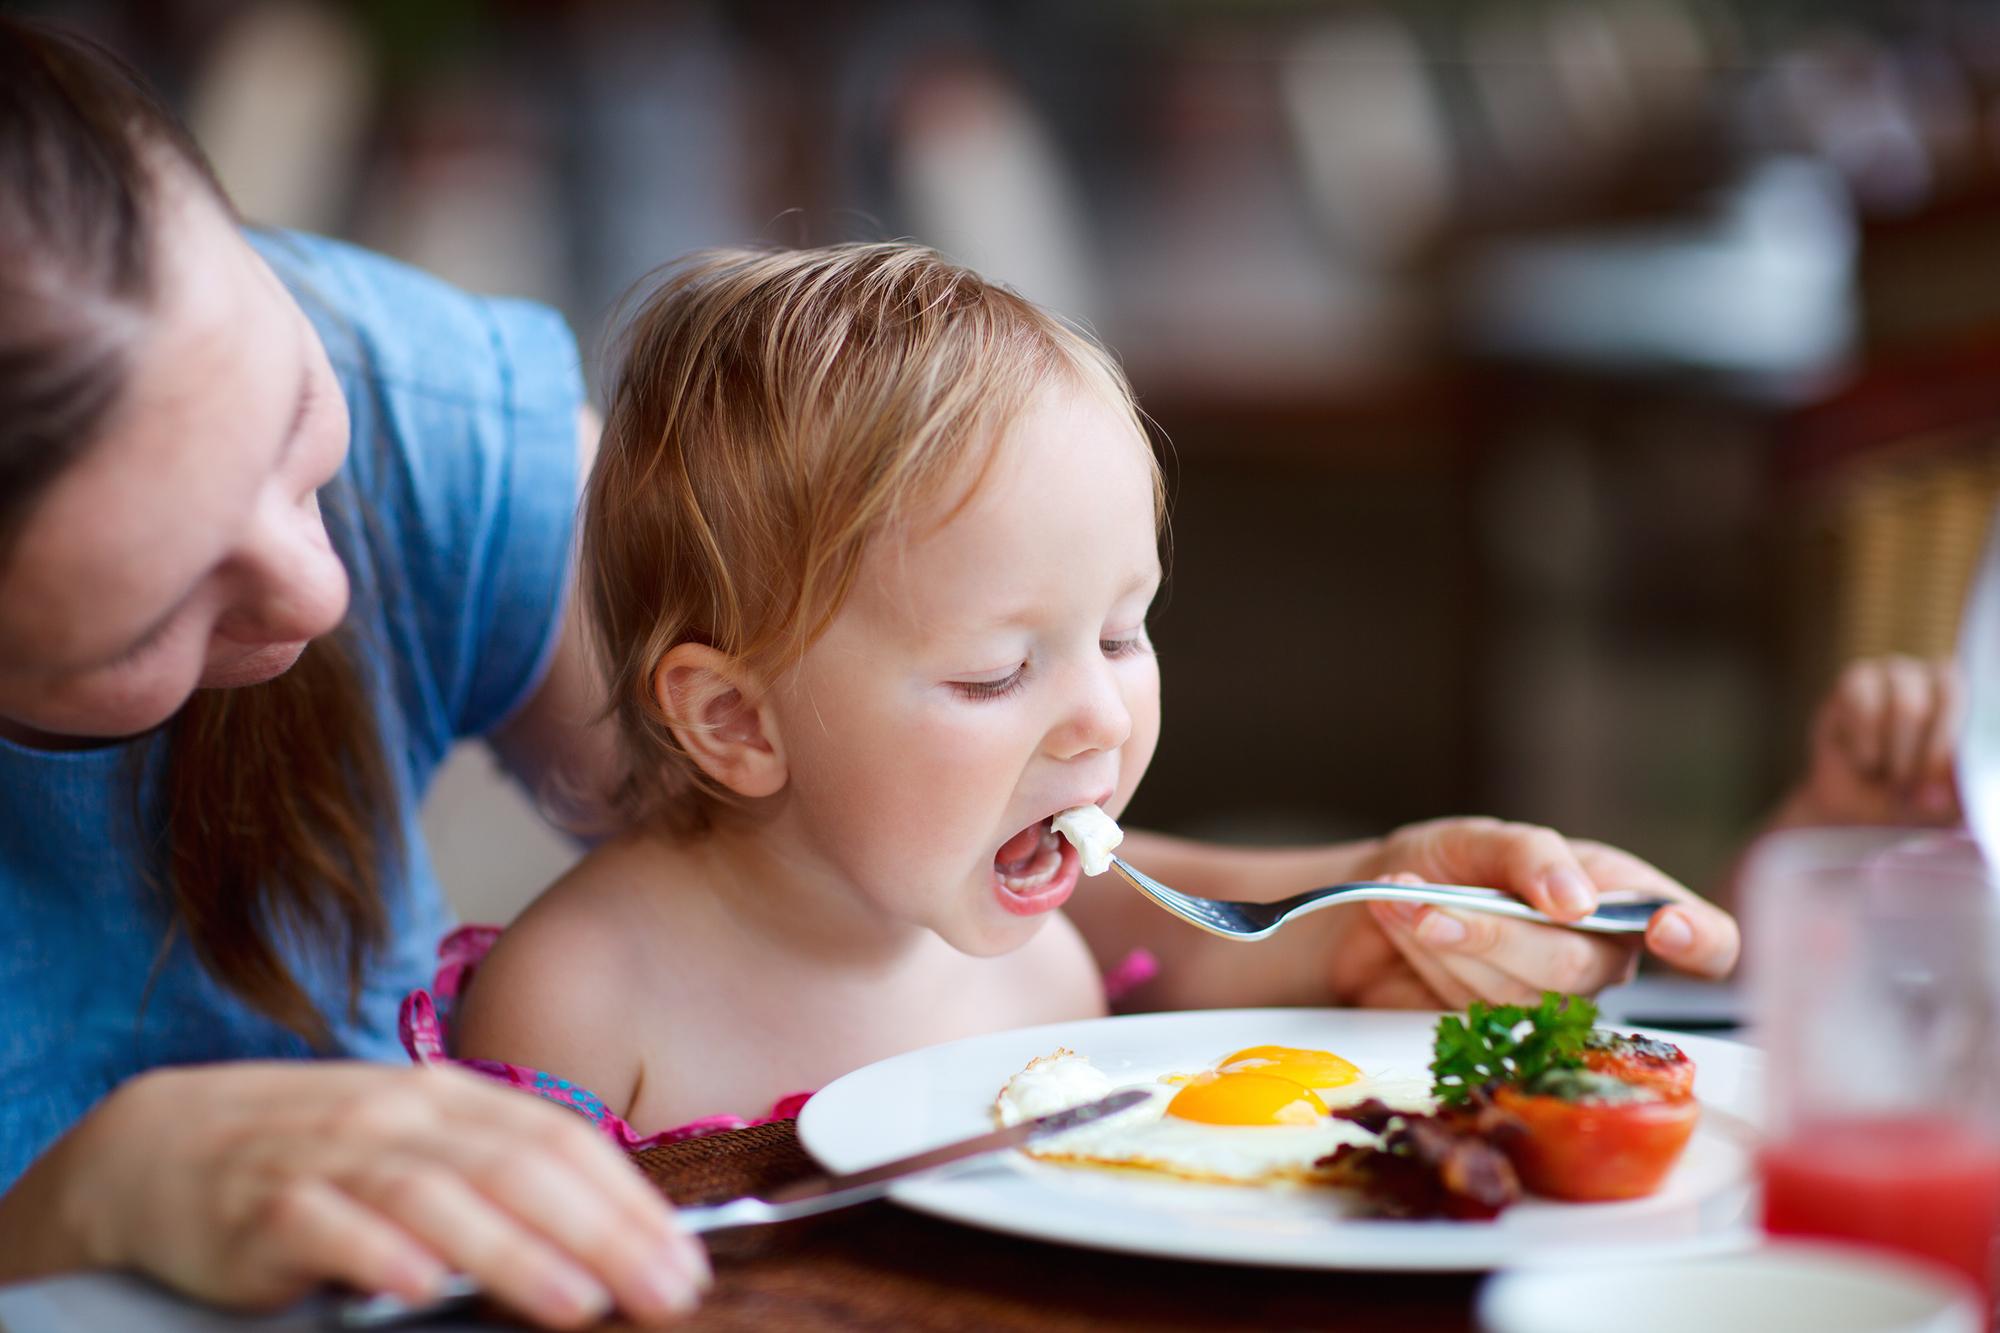 Co zrobić, aby dziecko zjadło coś nowego?